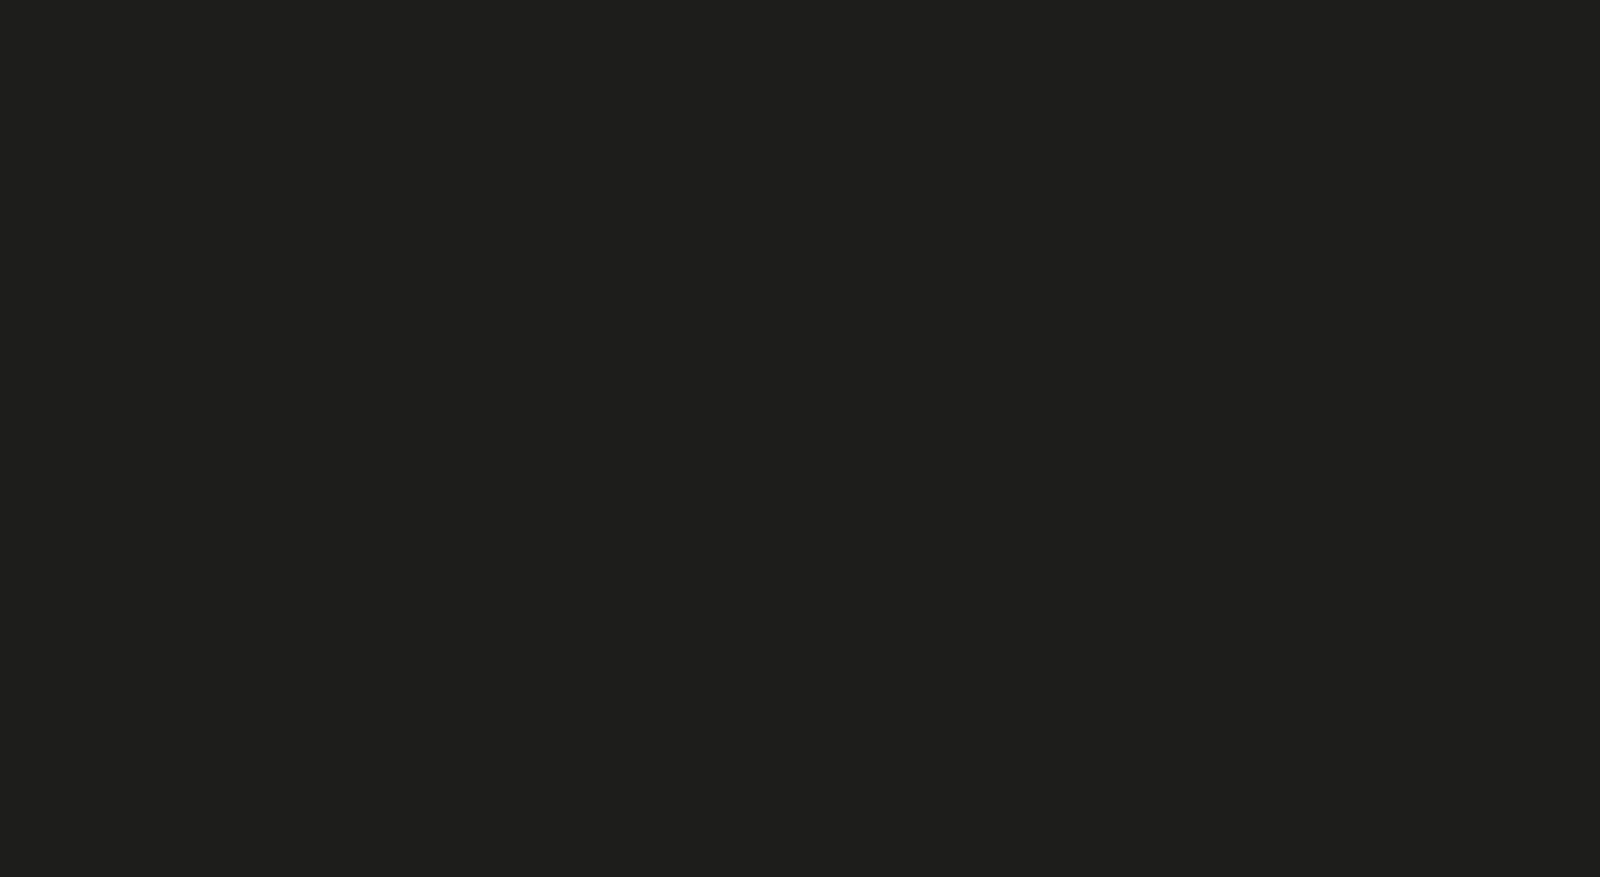 przykładowy układ meble ogrodowe maladeta